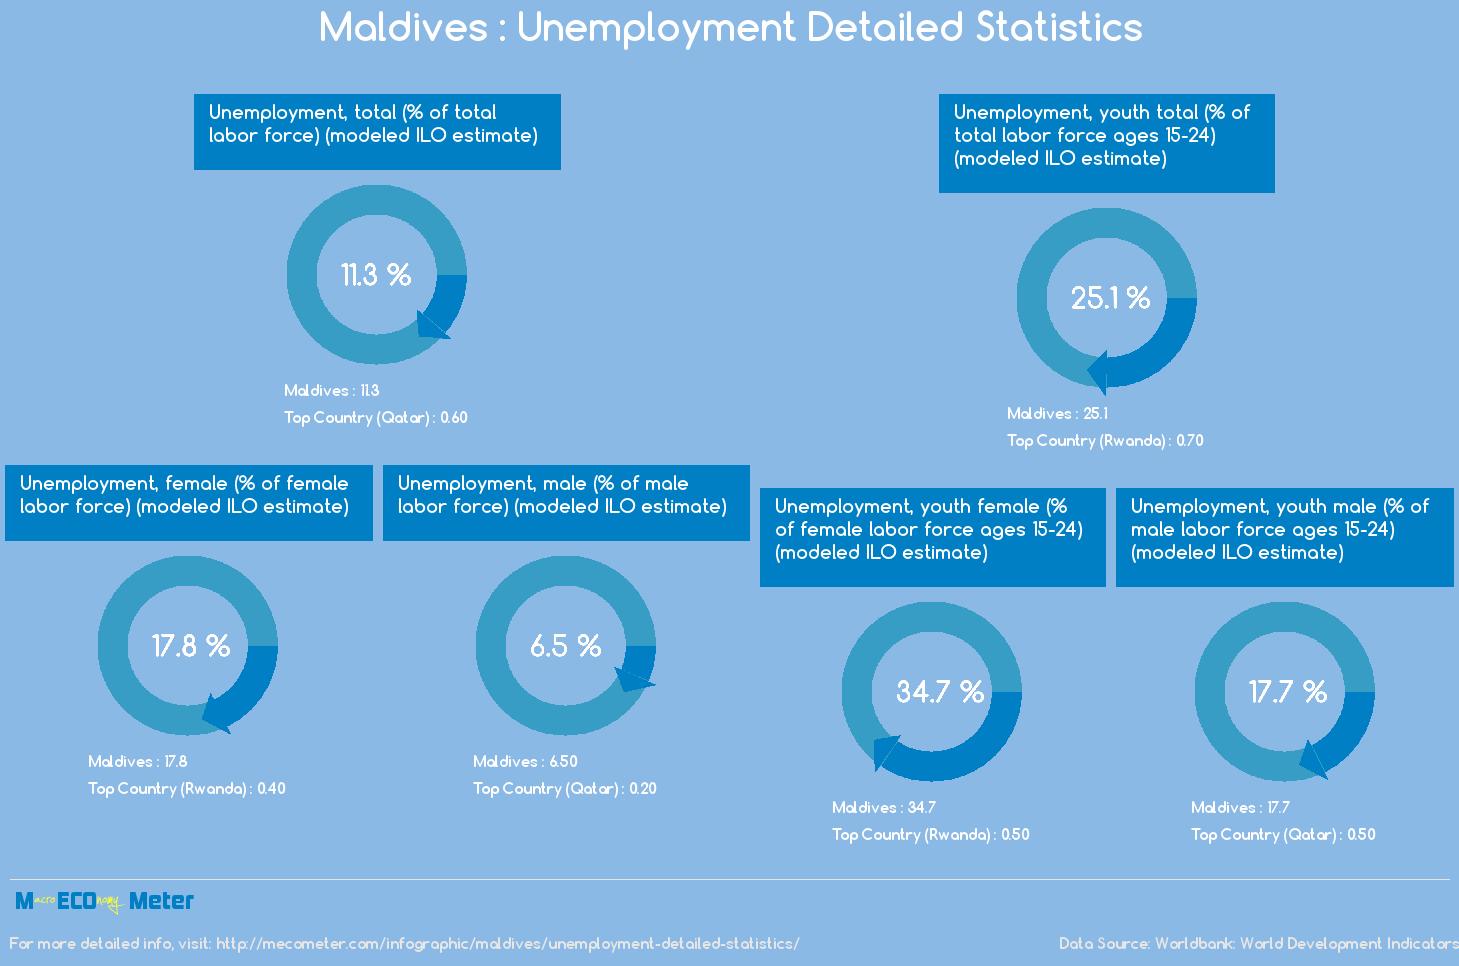 Maldives : Unemployment Detailed Statistics